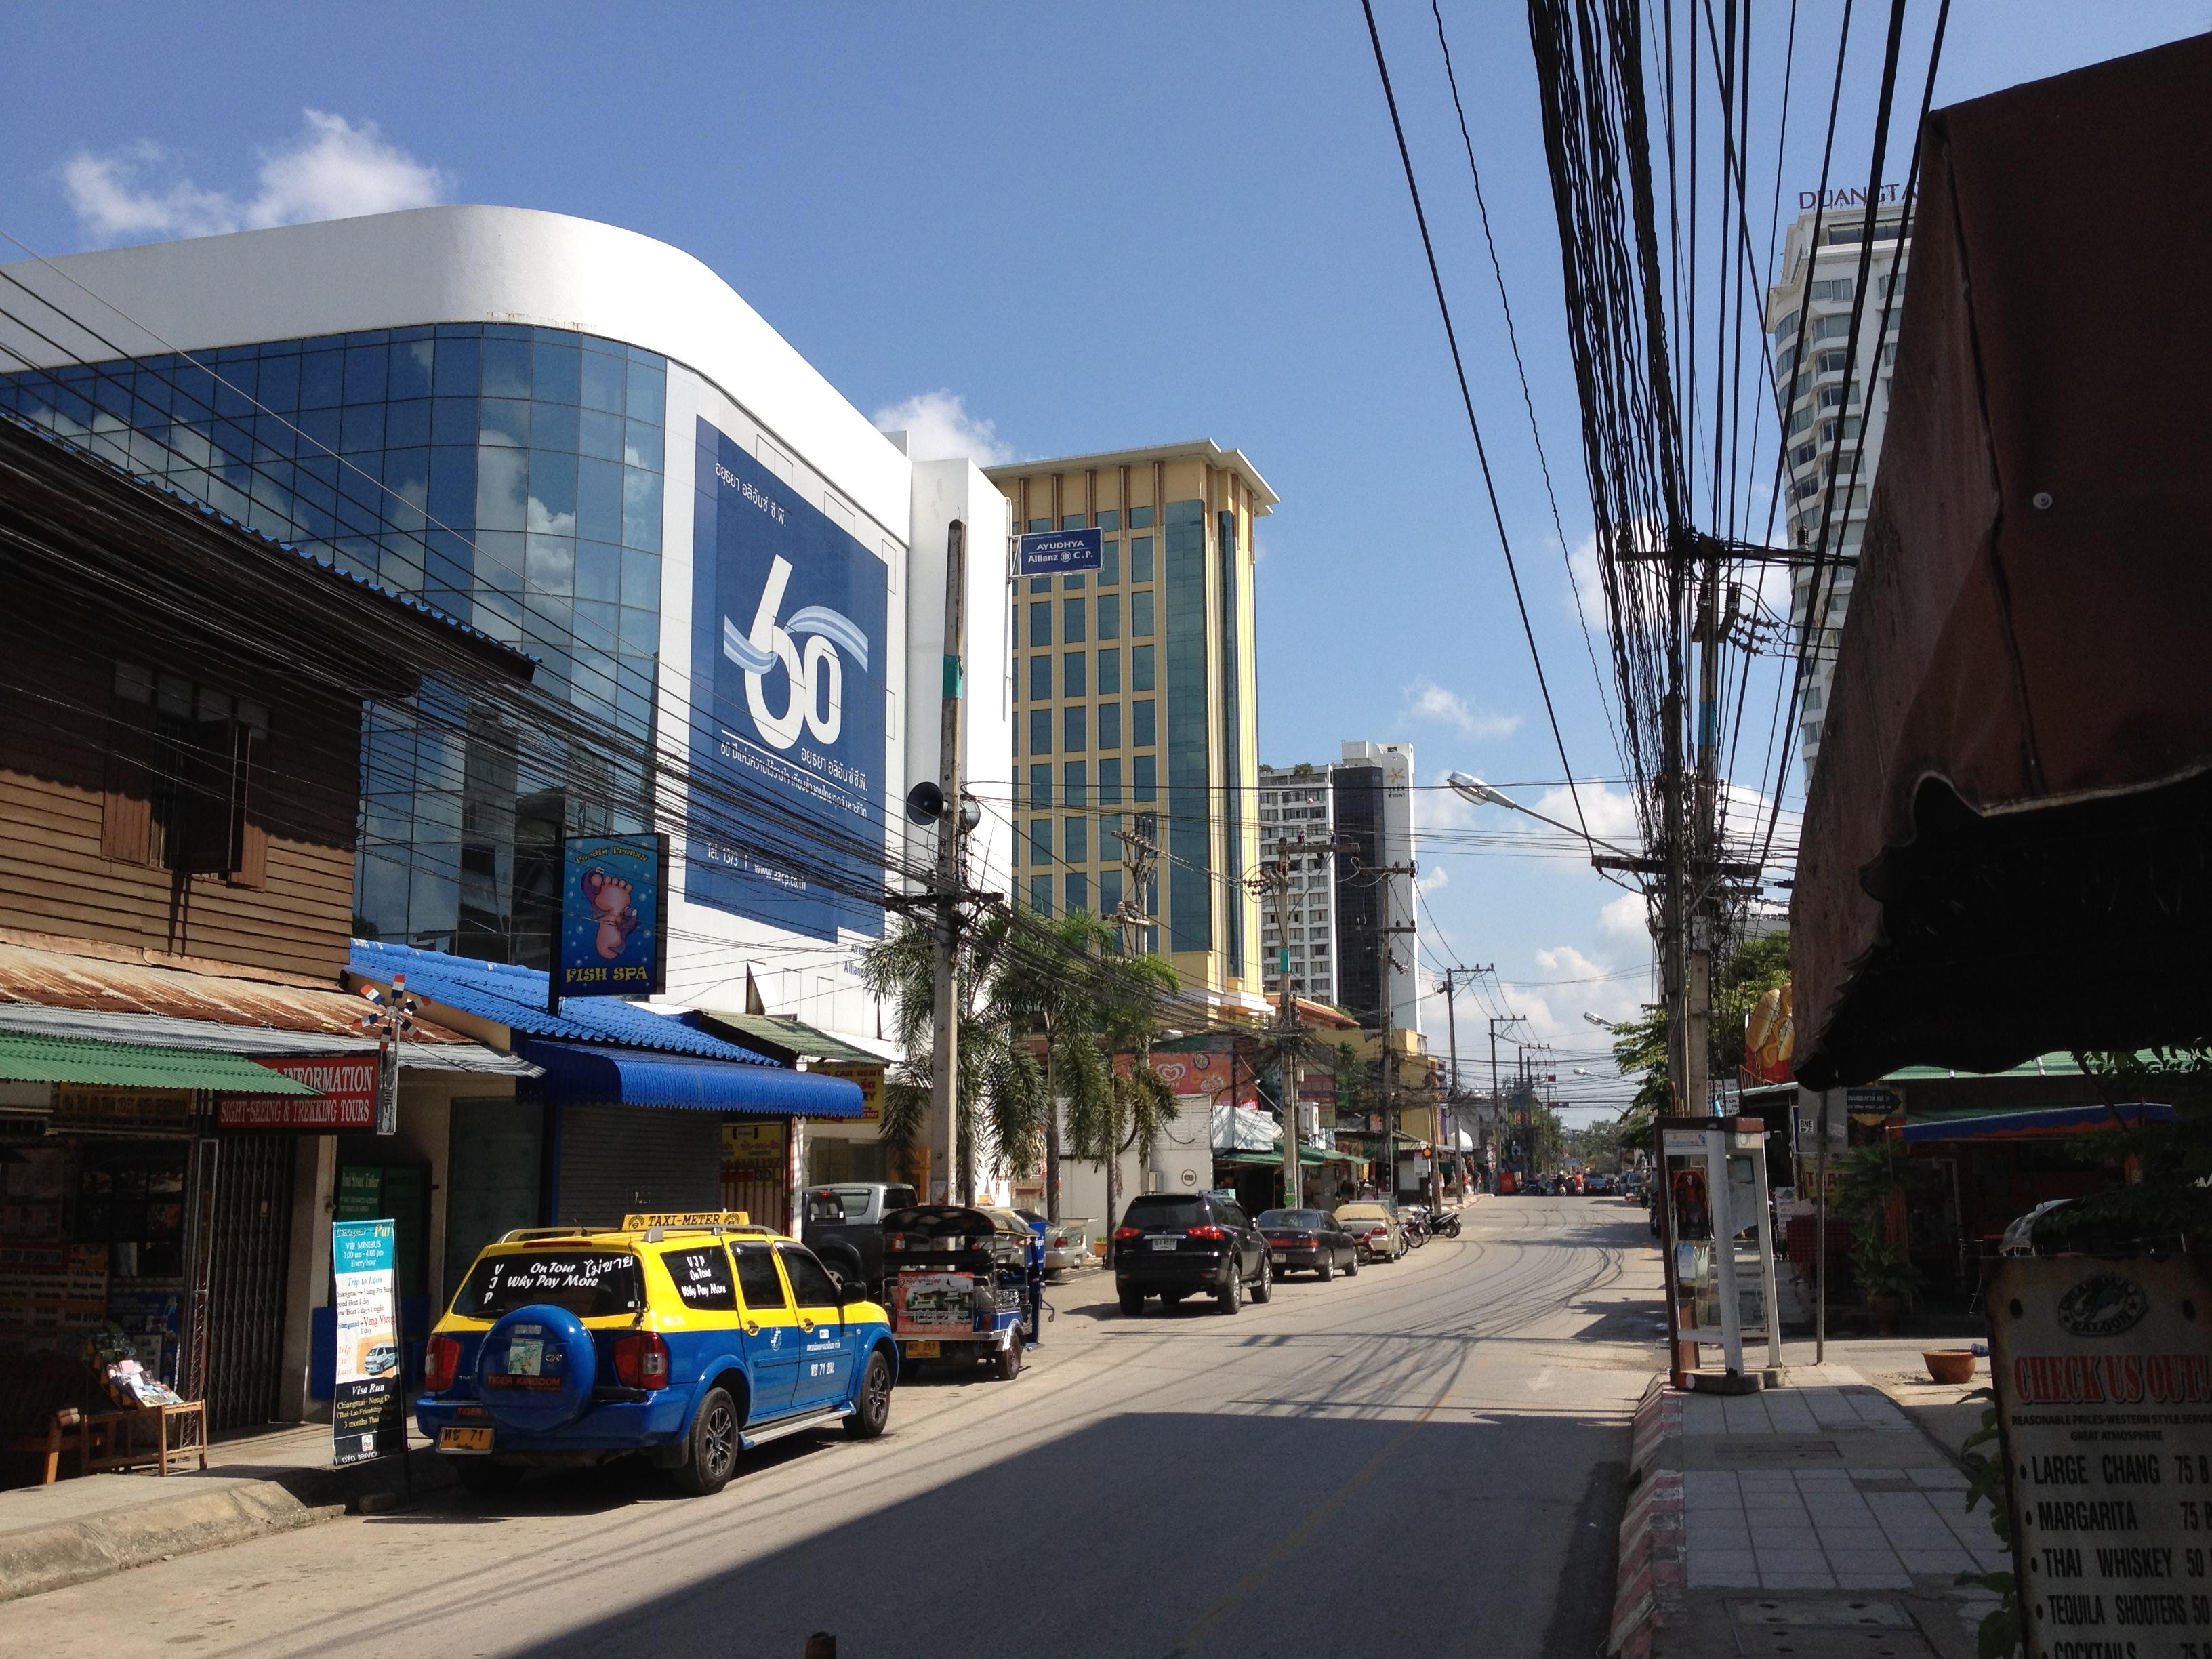 Chiang Mai Thailand Main Street